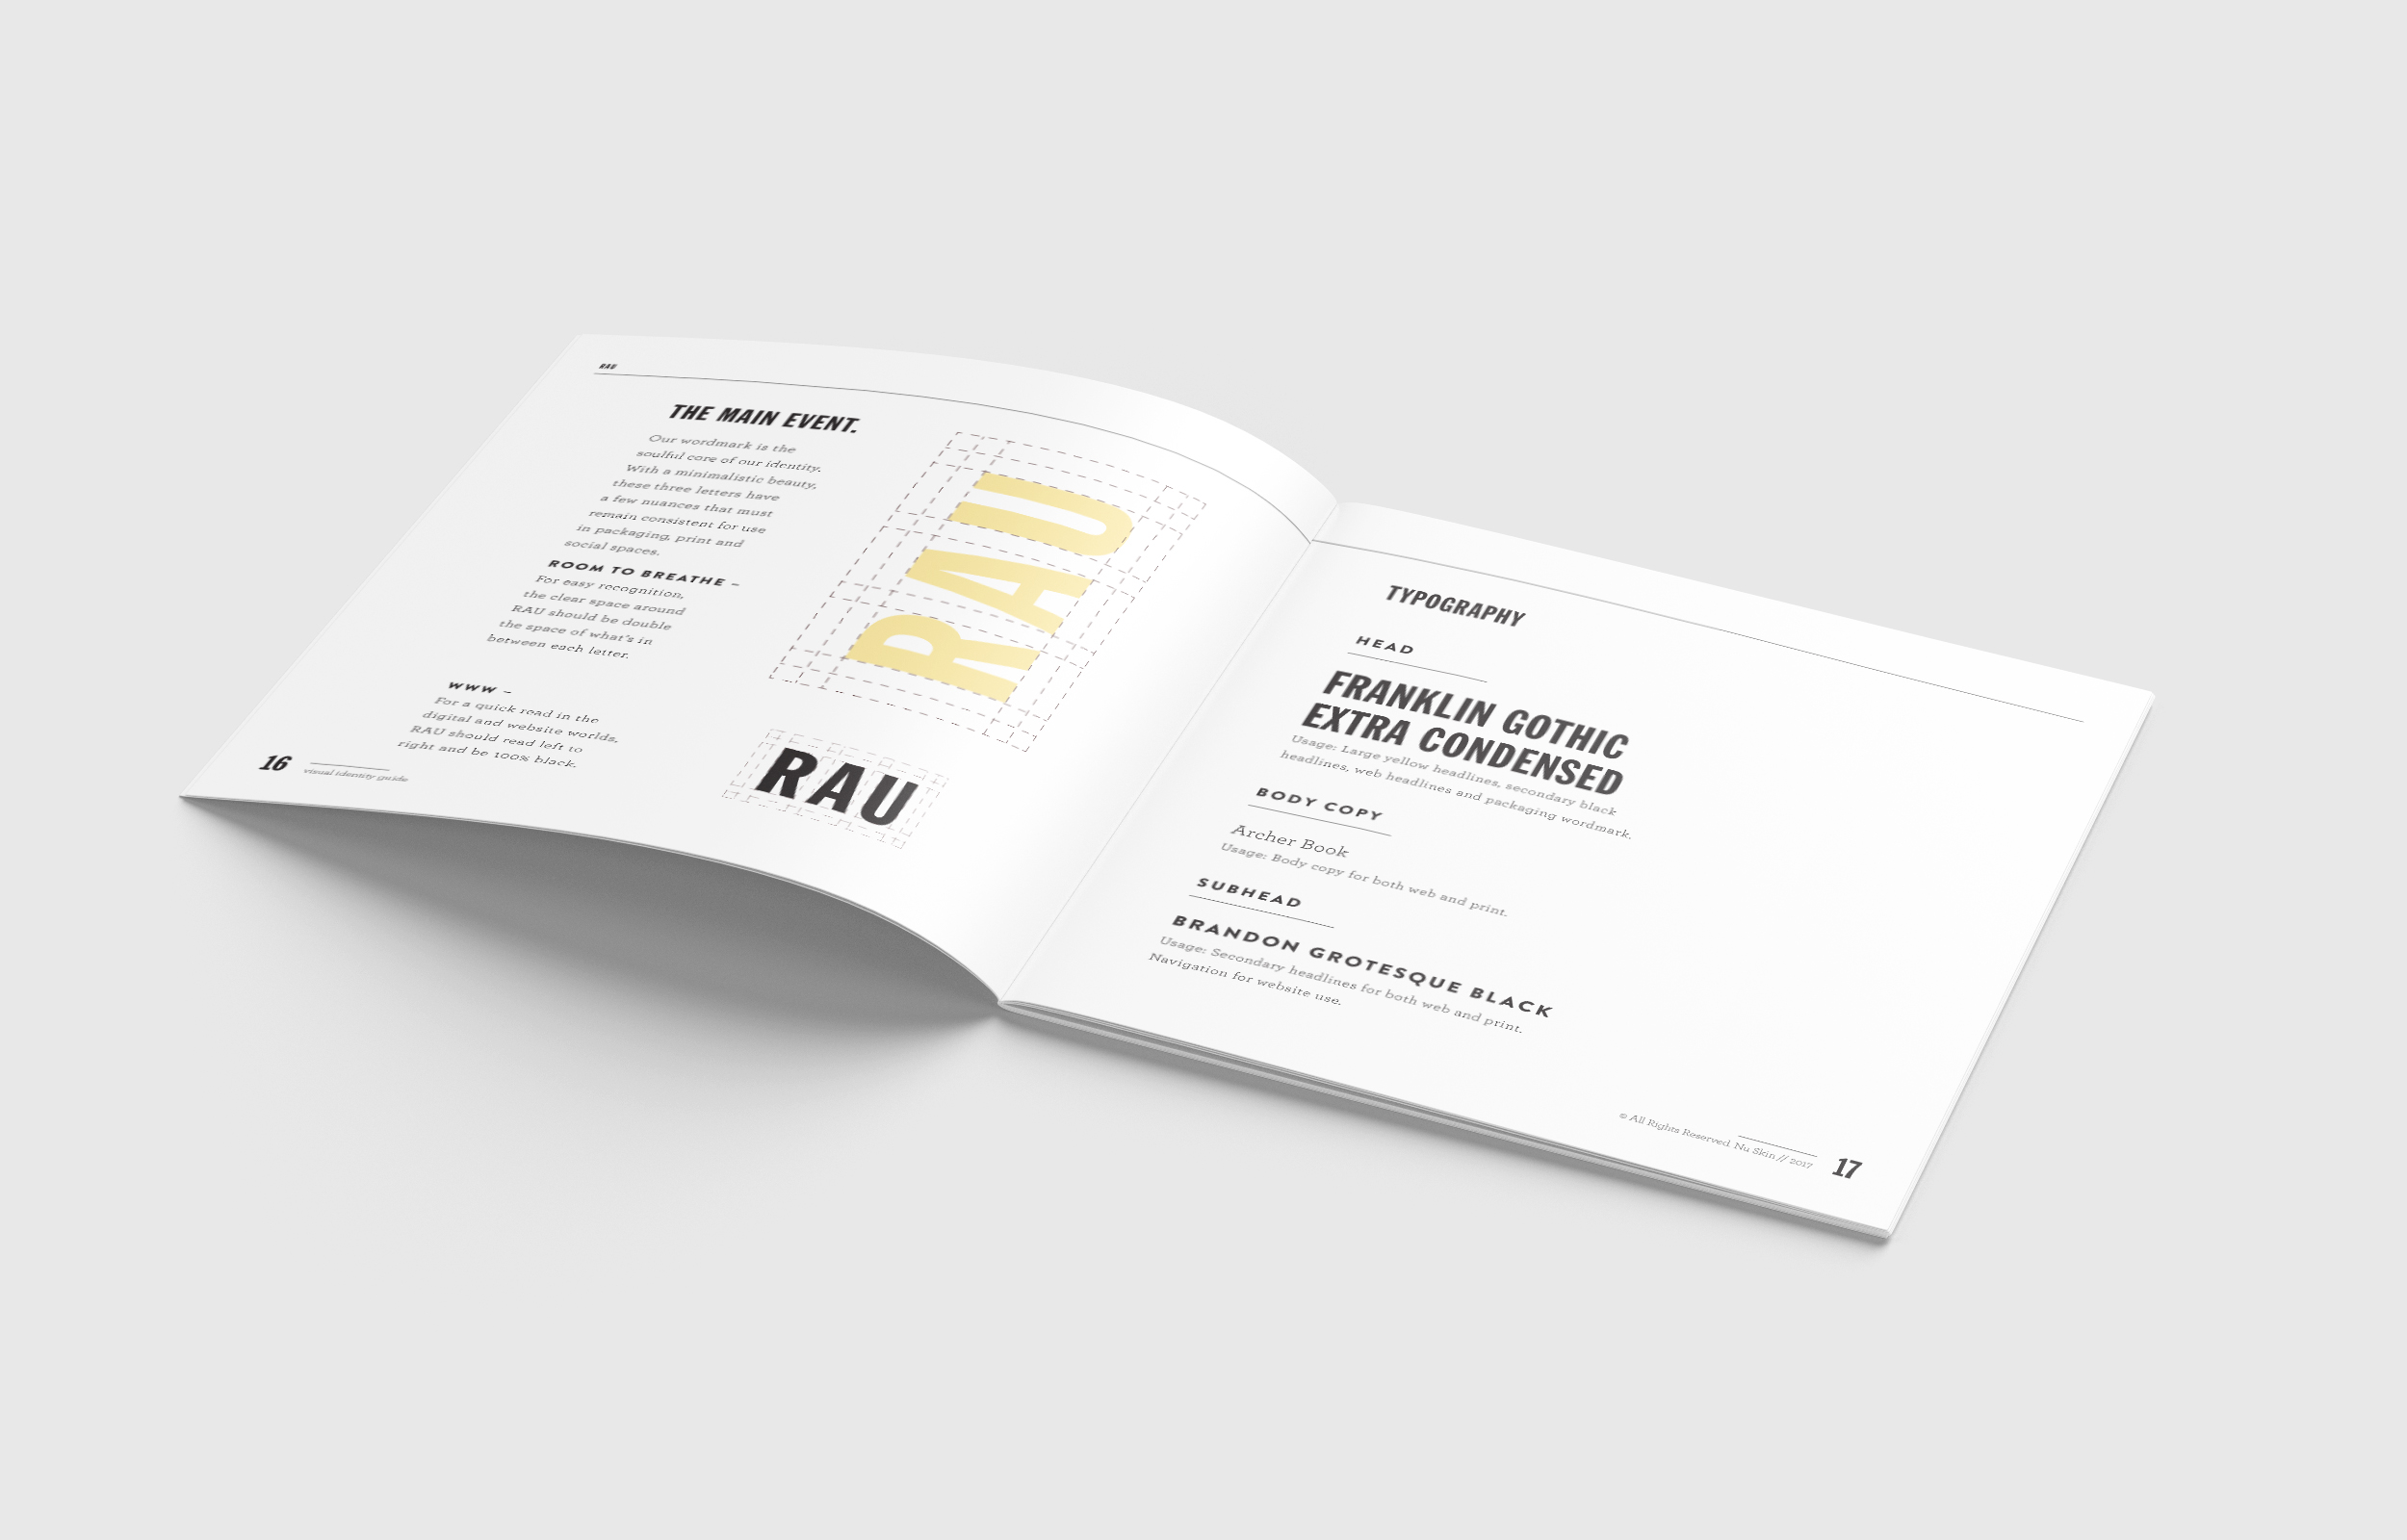 RAU_Book_Mockup_02.jpg